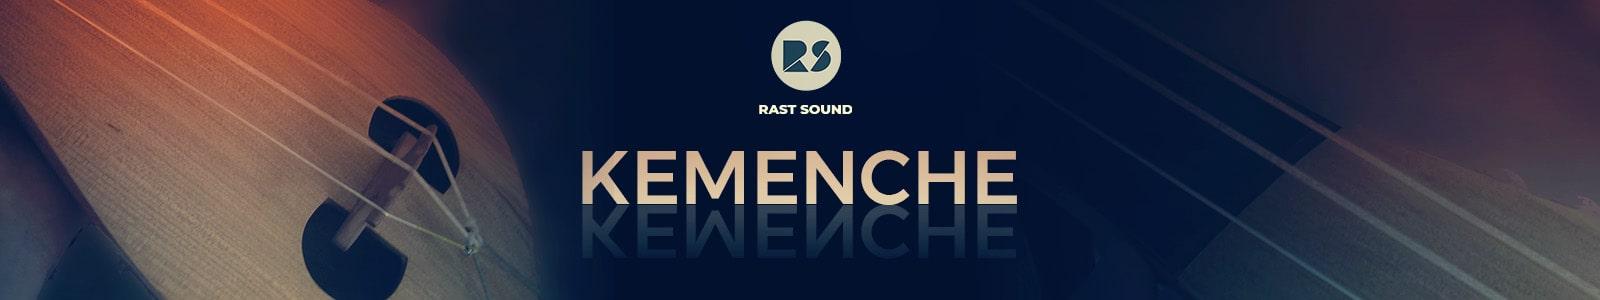 KEMENCHE by rast sound